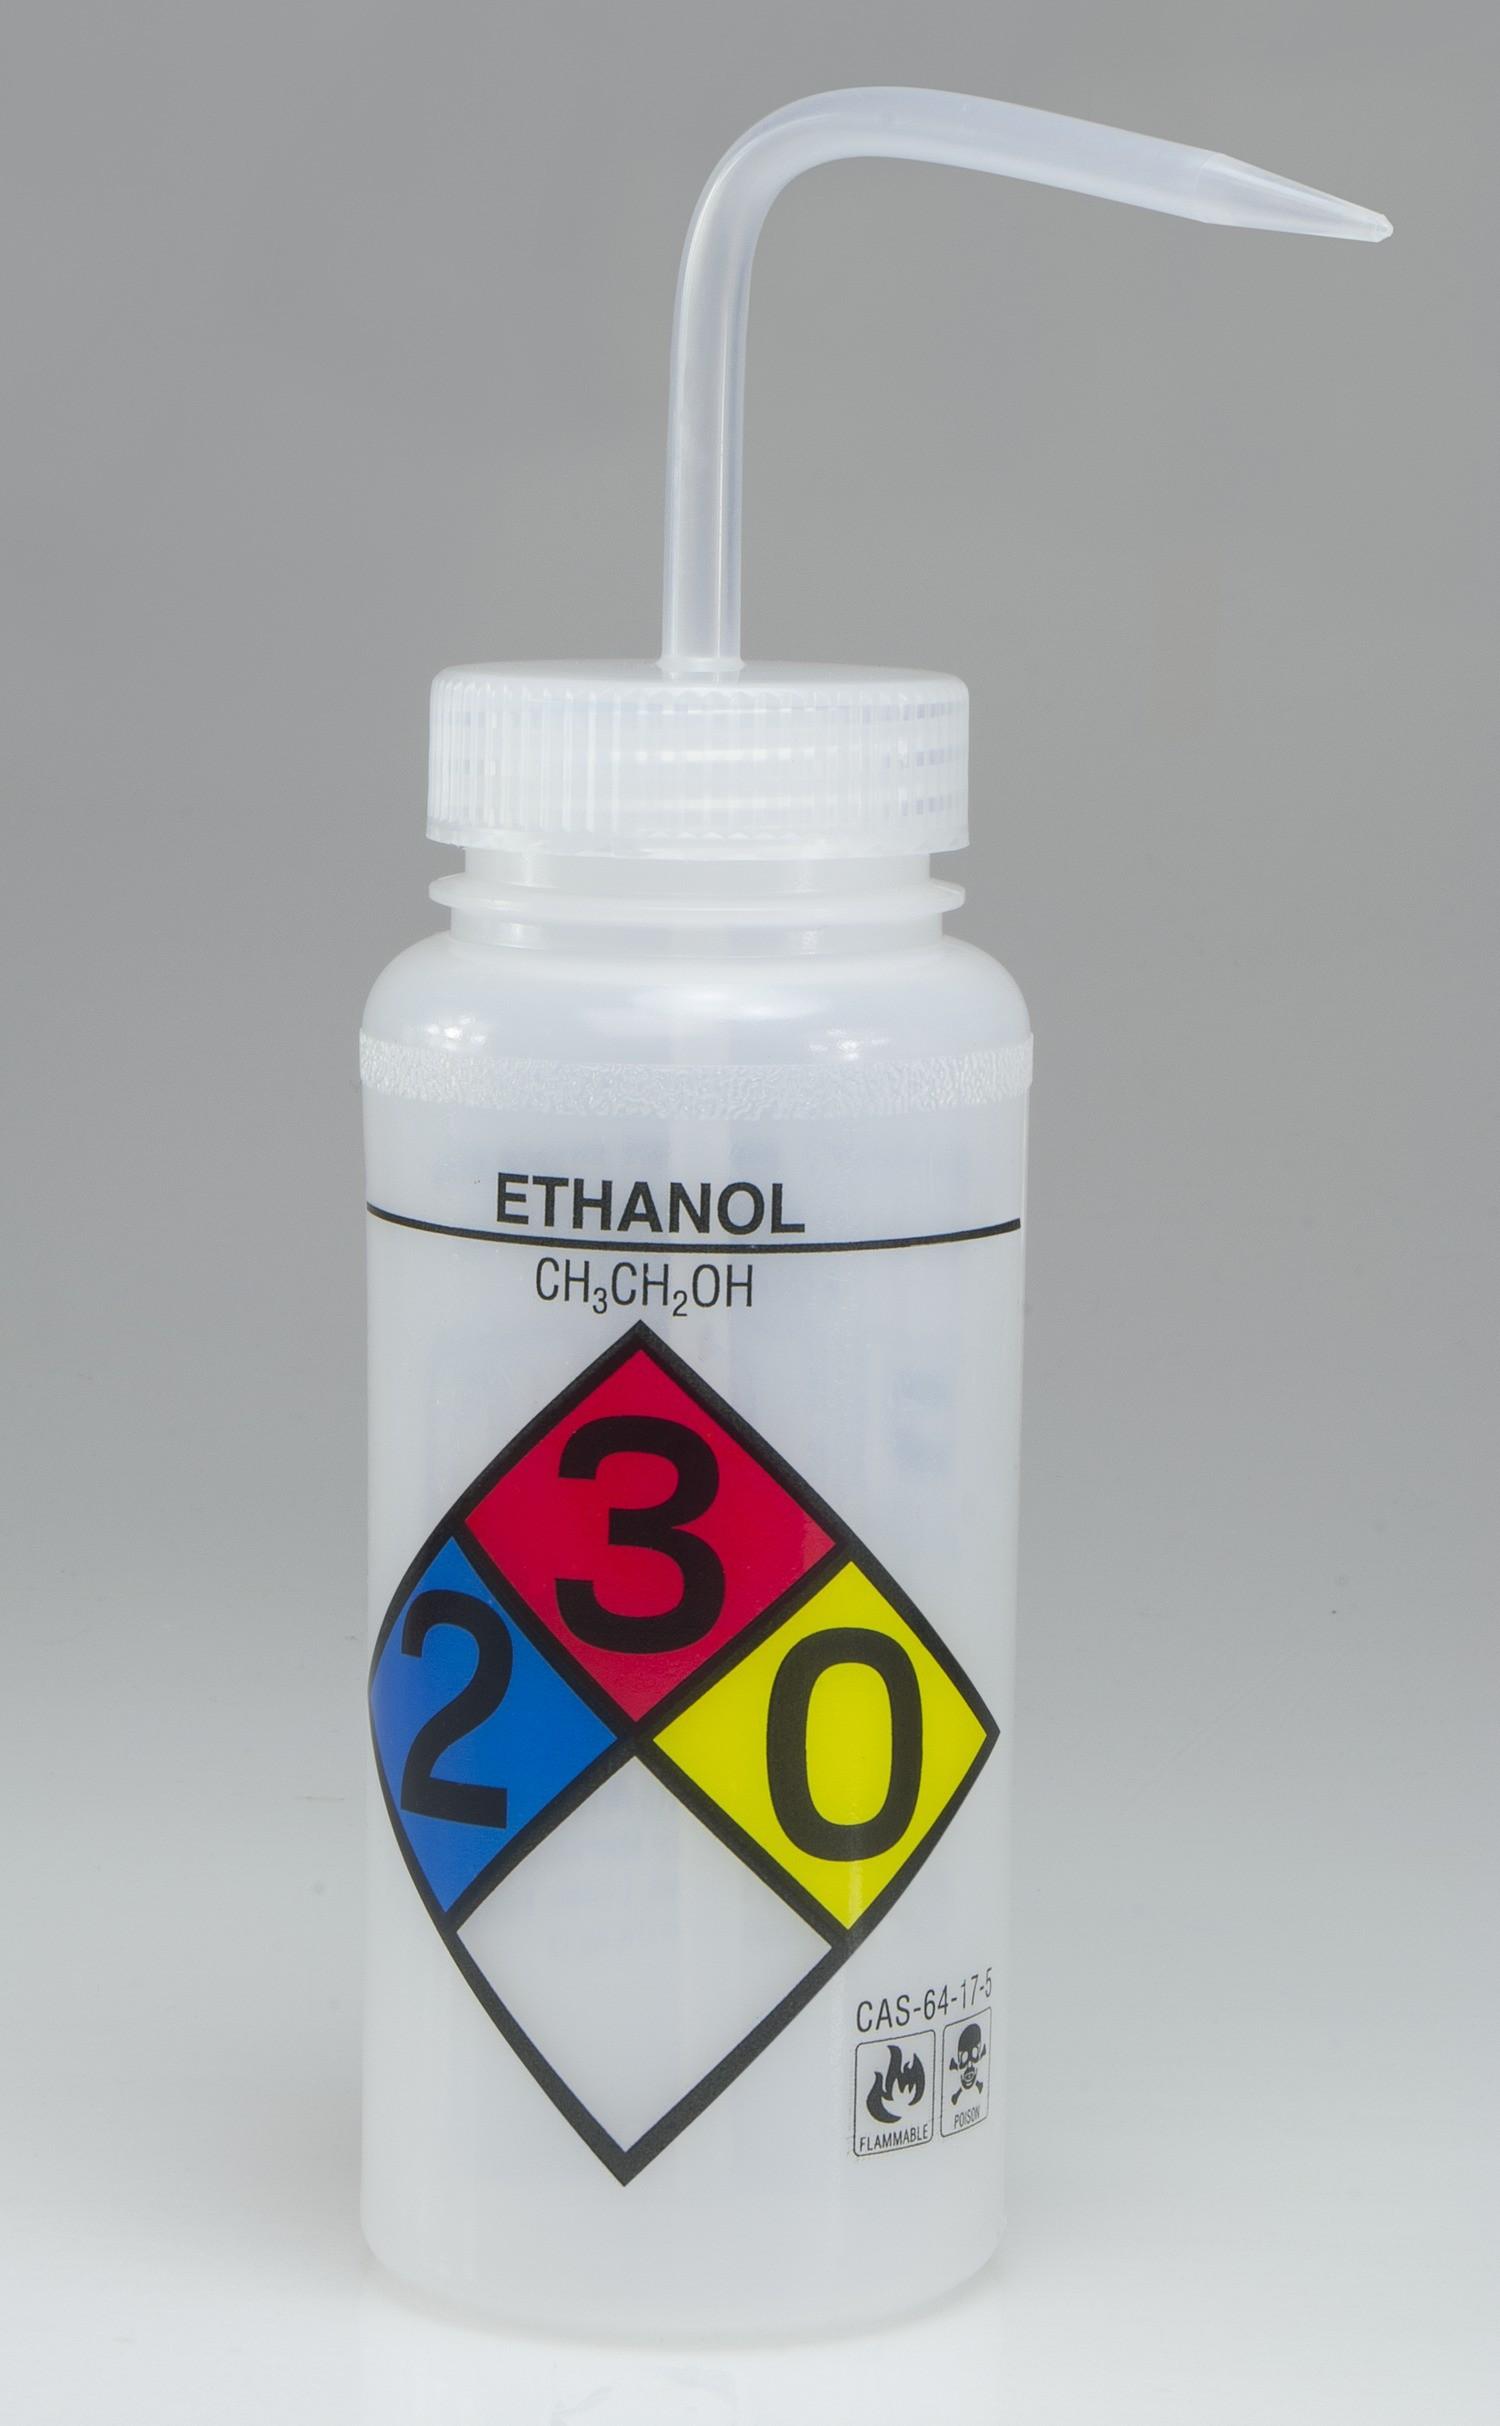 SP Bel-Art Safety-Labeled 4-Color Ethanol Wide-Mouth Wash Bottles; 500ml (16oz), Polyethylene w/Natural Polypropylene Cap (Pack of 4)